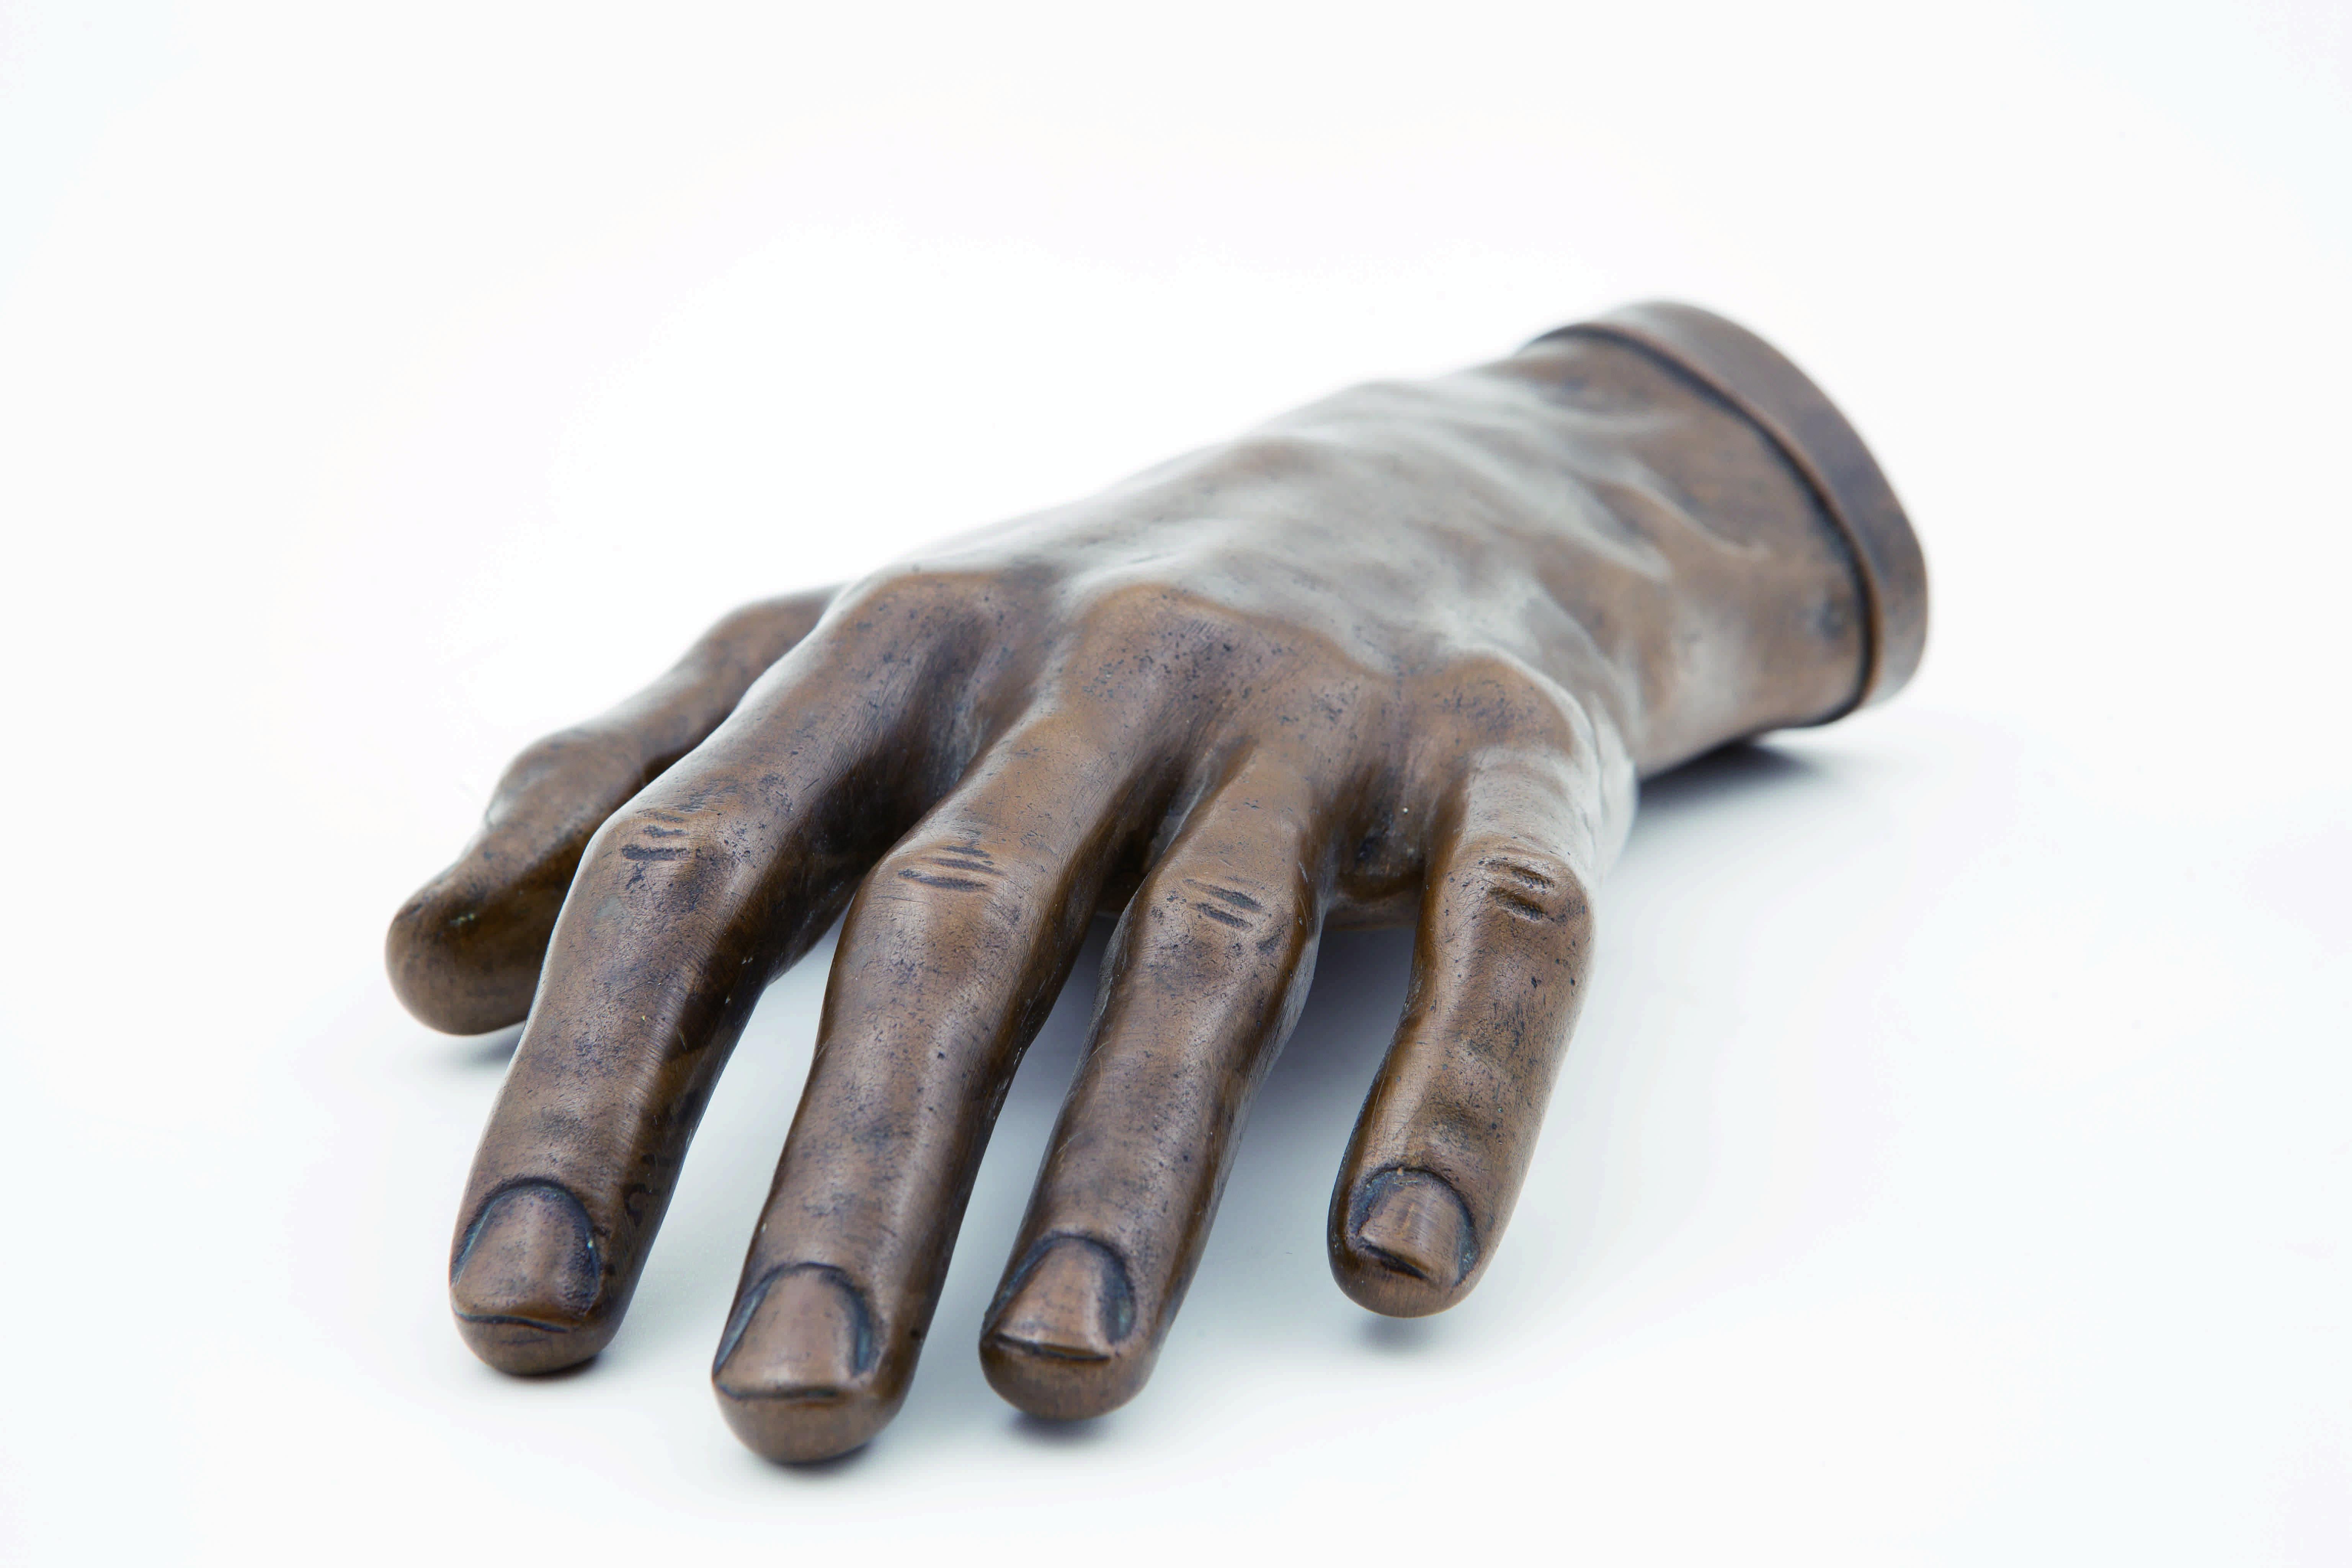 《ショパンの左手像》1968年鋳造 NIFC